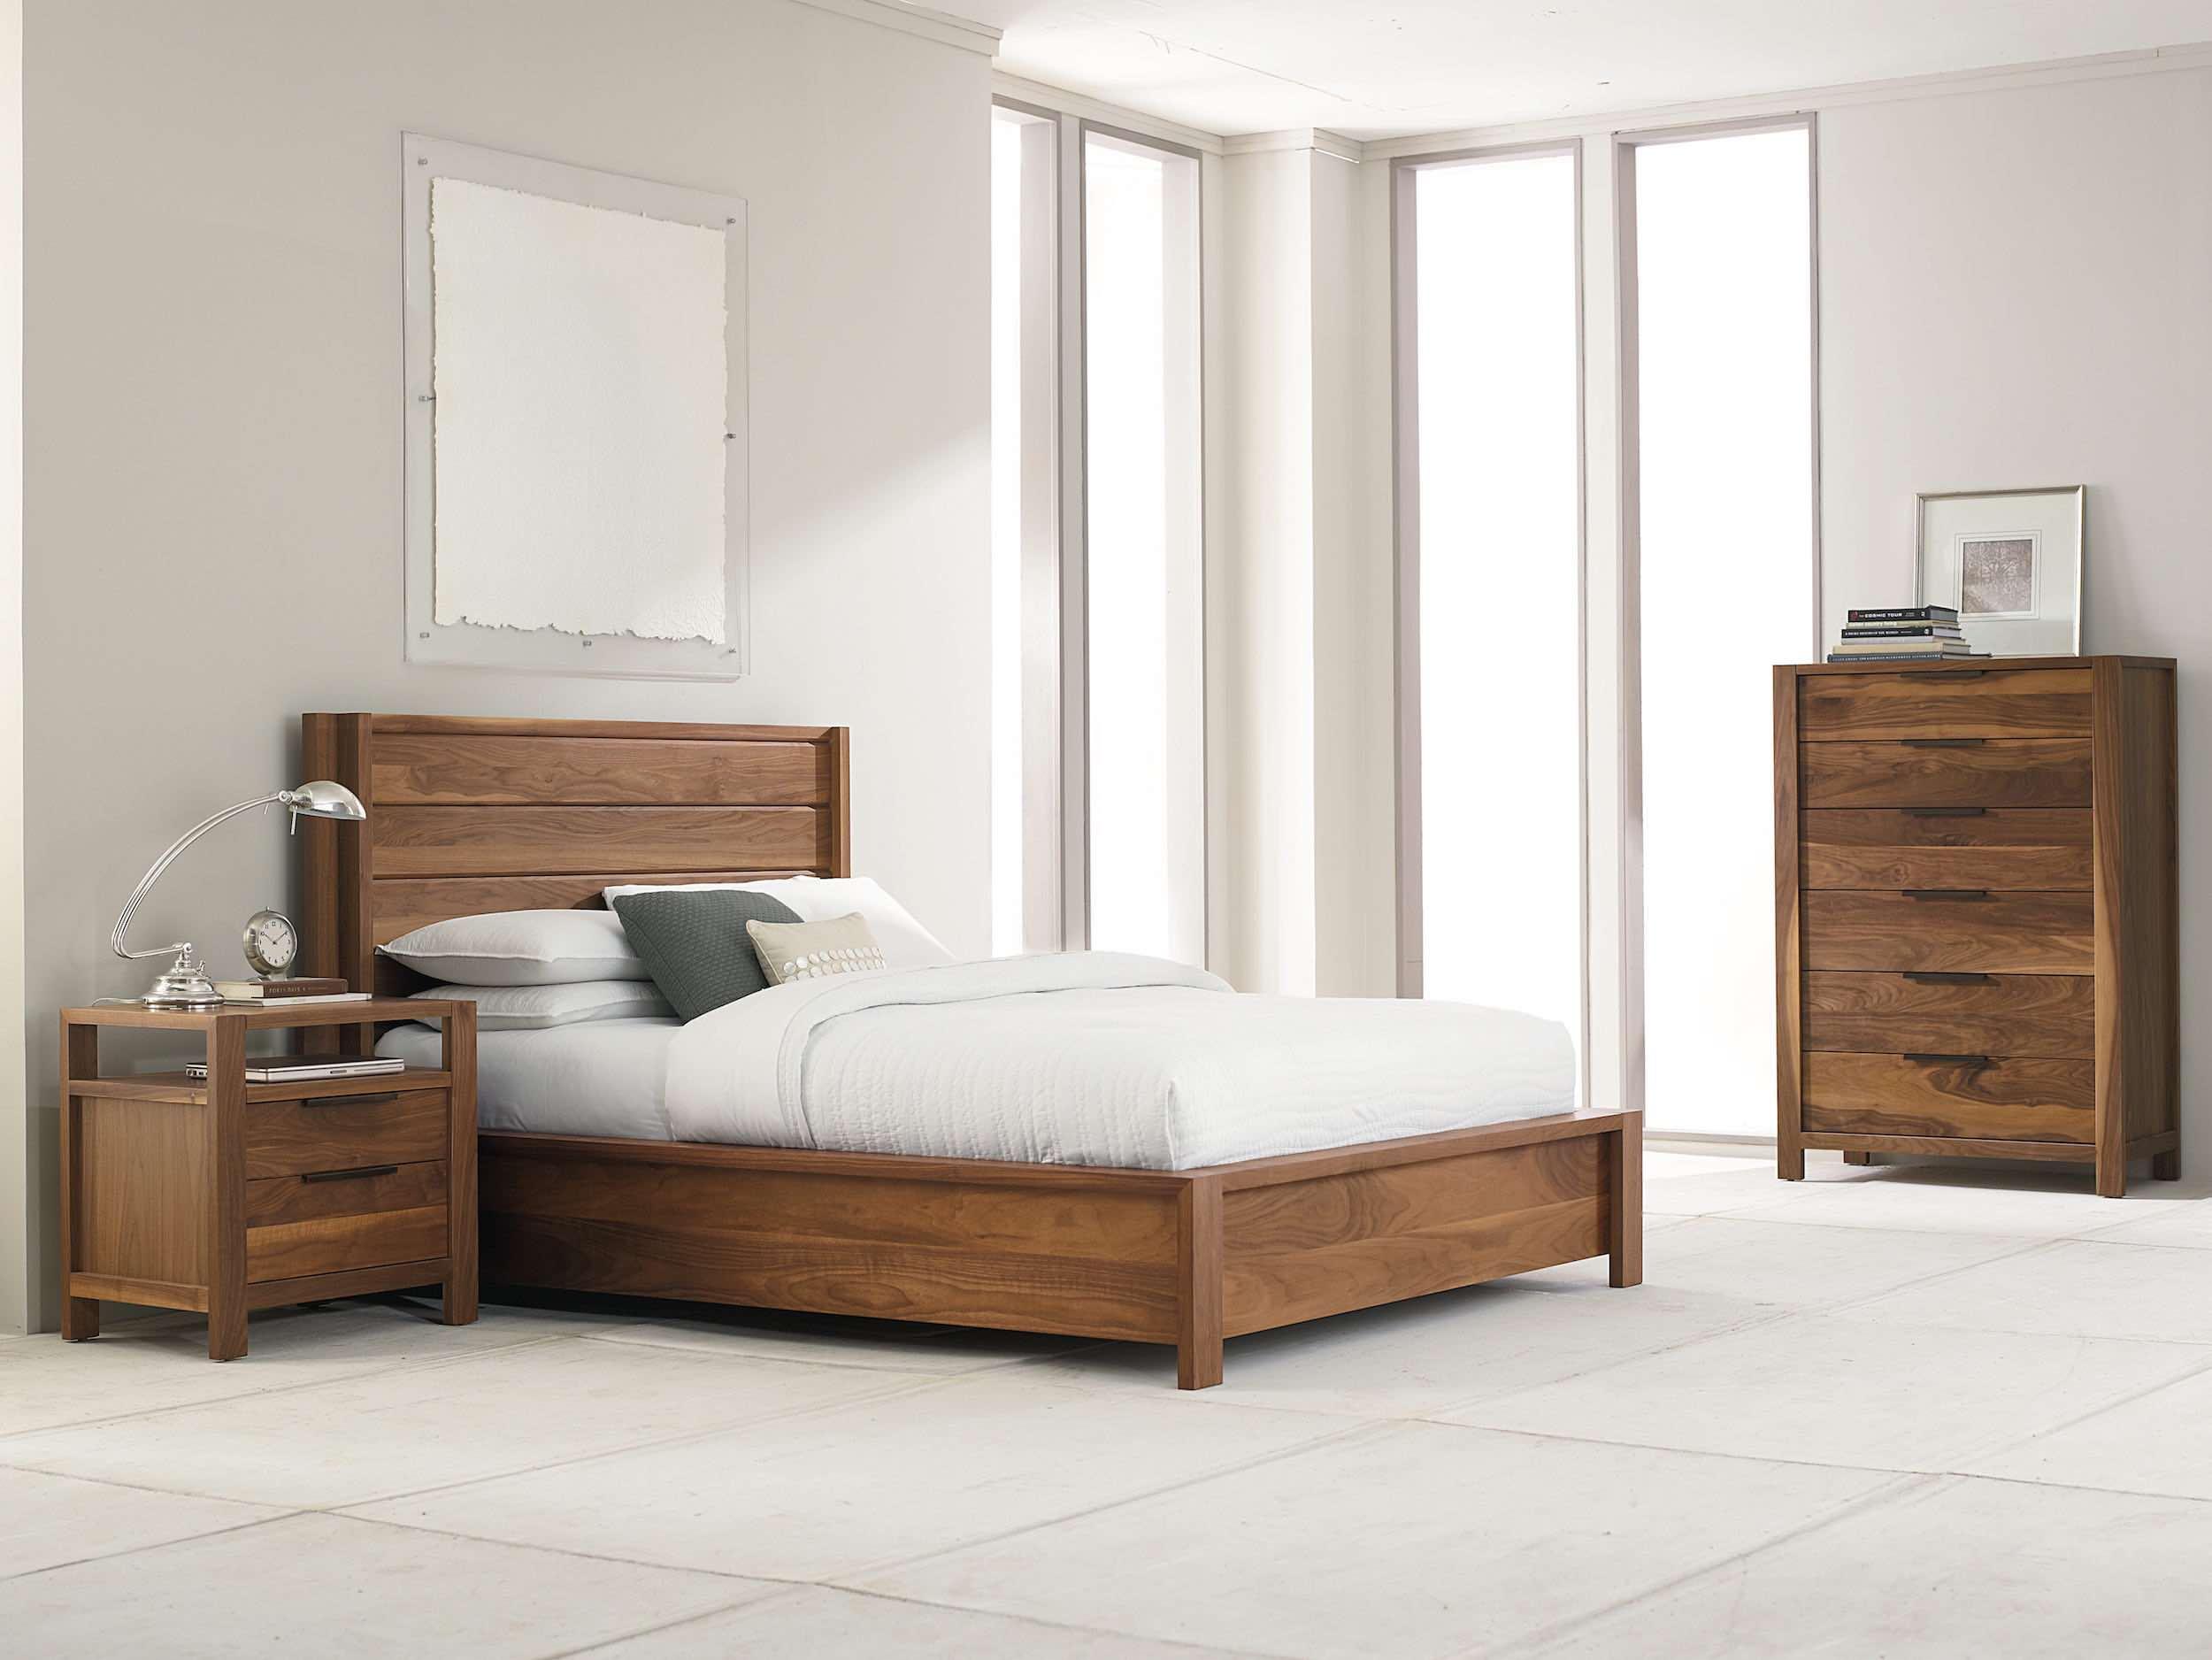 Parkview-Bedroom-D-4.jpg